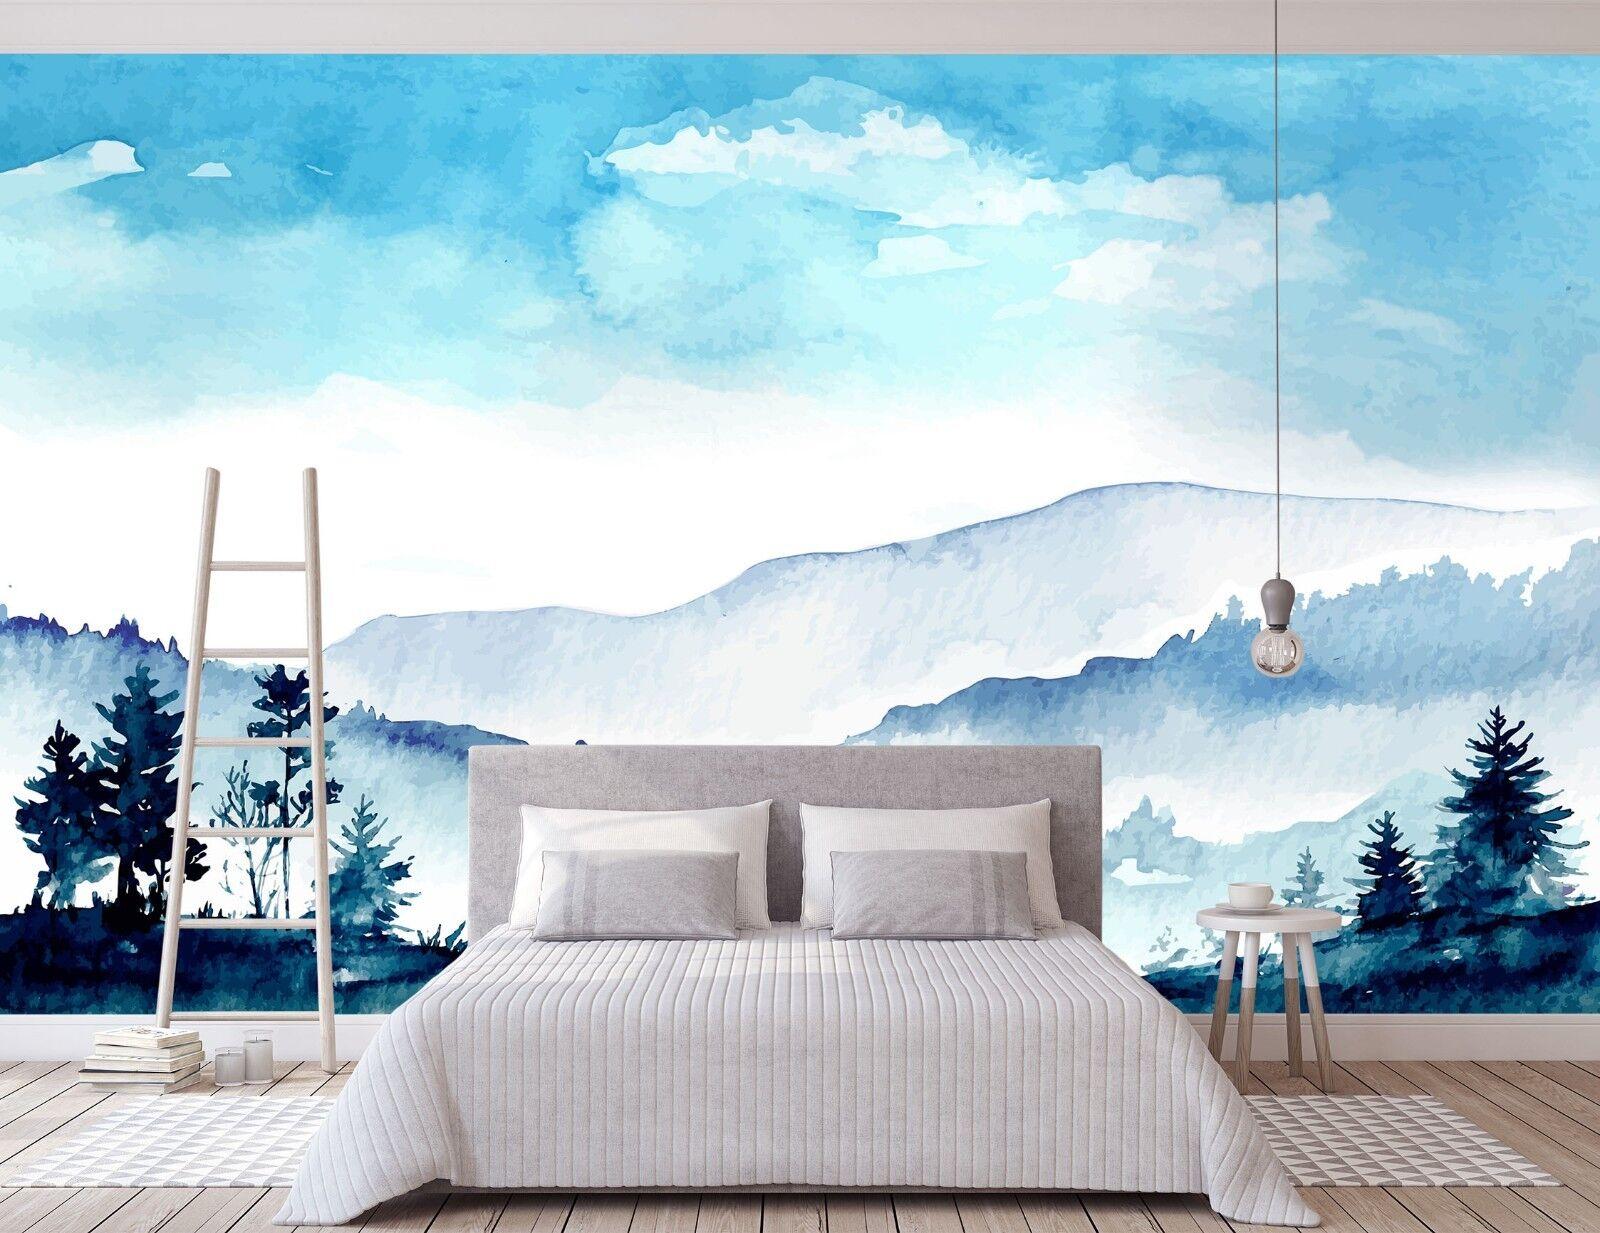 3D Blau Berge 825 Tapete Wandgemälde Tapete Tapeten Bild Familie DE Lemon   Wirtschaftlich und praktisch    Wonderful    Hervorragende Eigenschaften